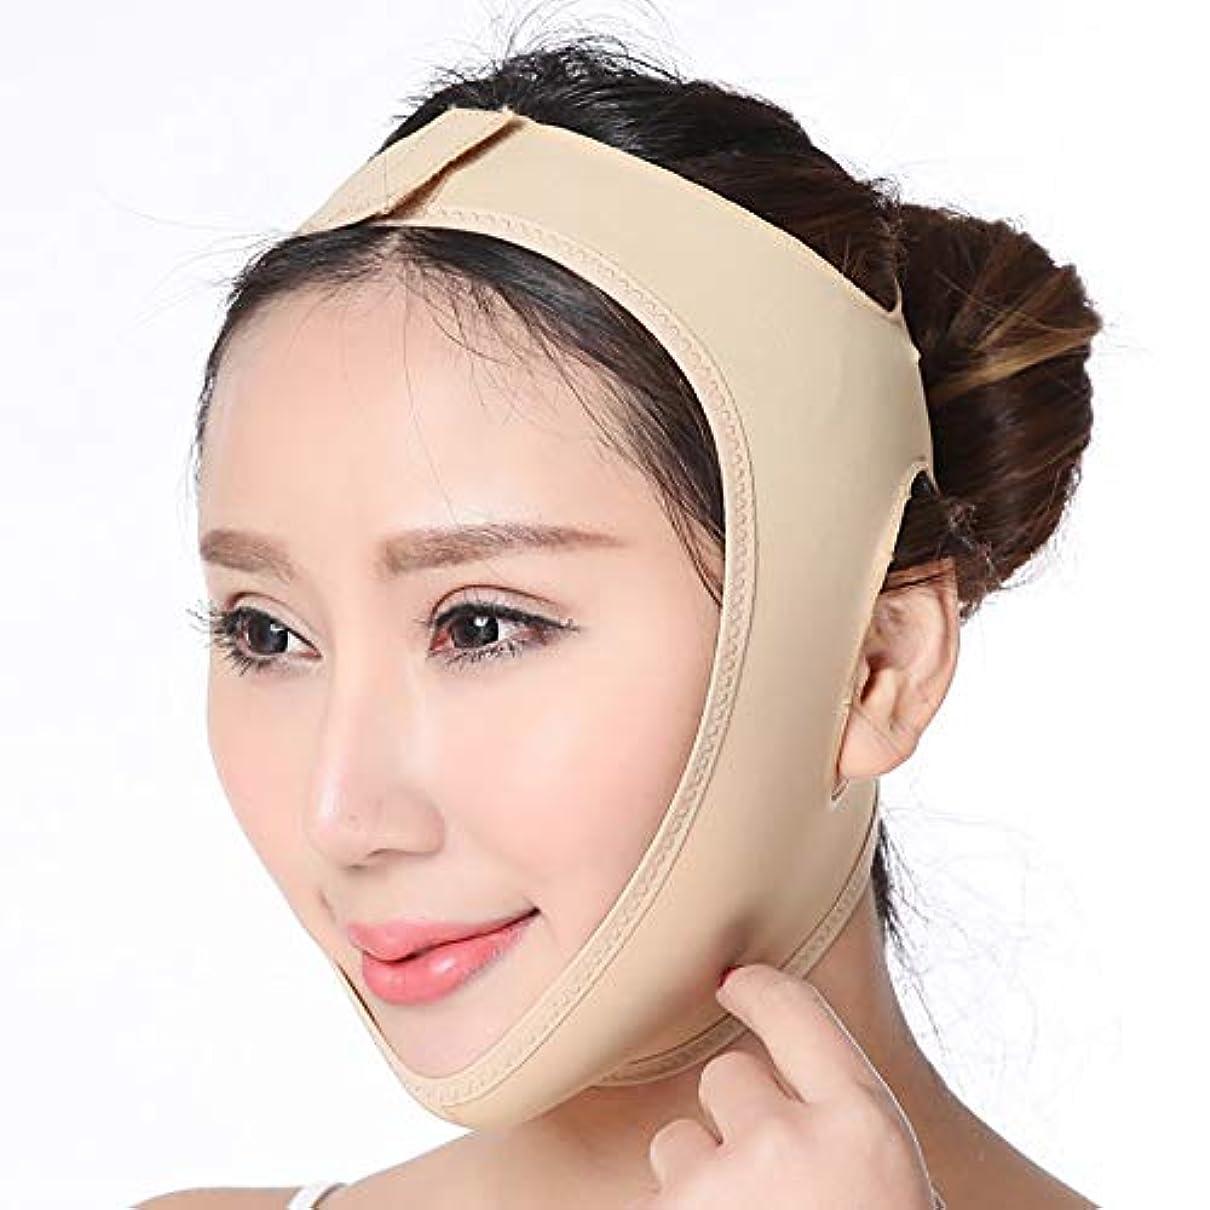 キャッチ焦がす合体フェイスリフティング器具、顔の引き締めとたるみ、二重あごの減少、男性と女性のフェイスマスク、肌色S/M/L/XL